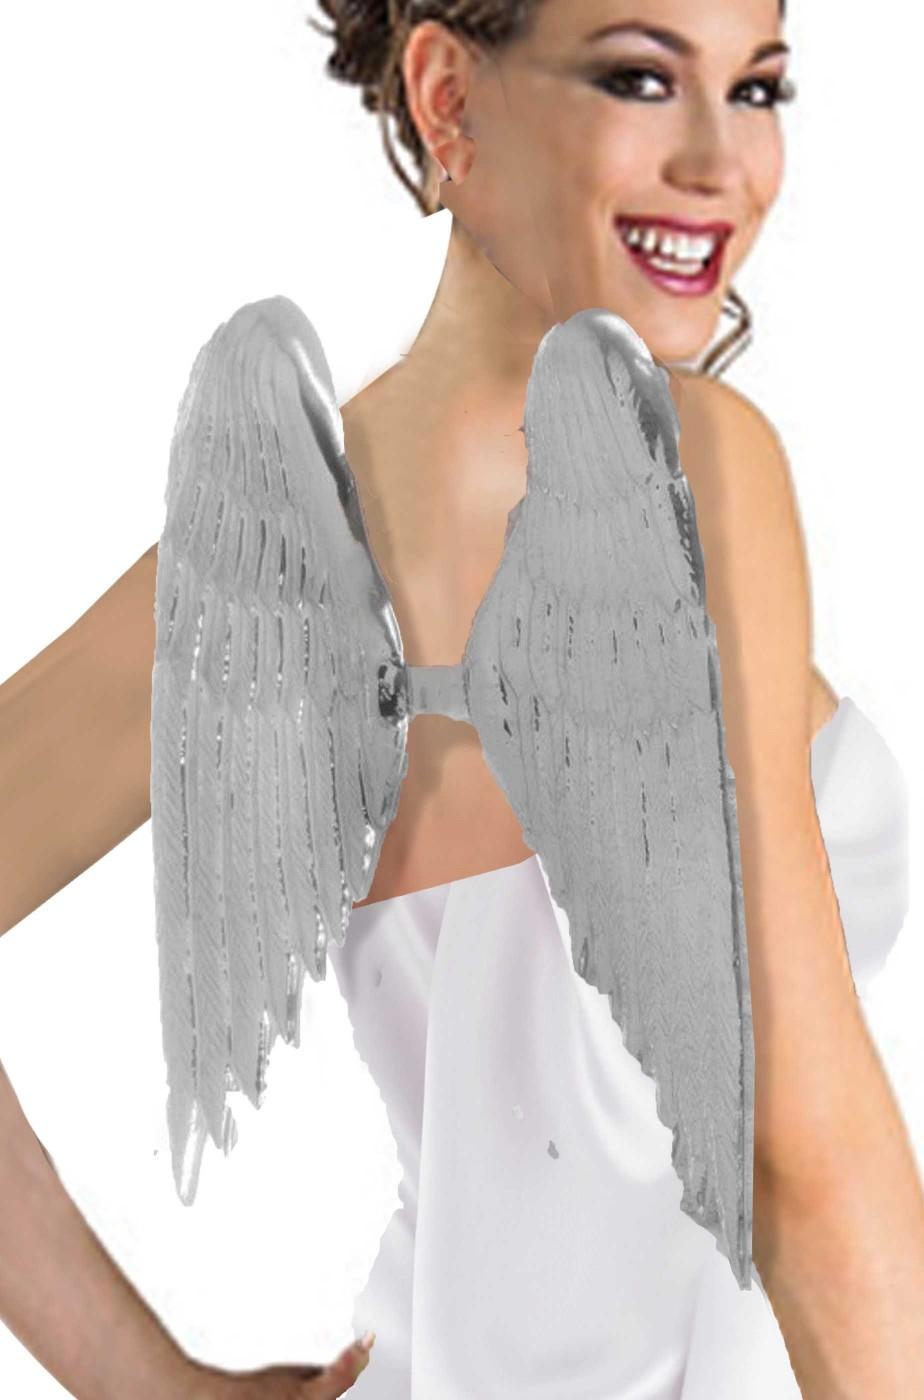 e231378eb4 ali-da-angelo-argento-in -plastica-per-vestiti-di-carnevale-da-angelo-o-cherubino.jpg